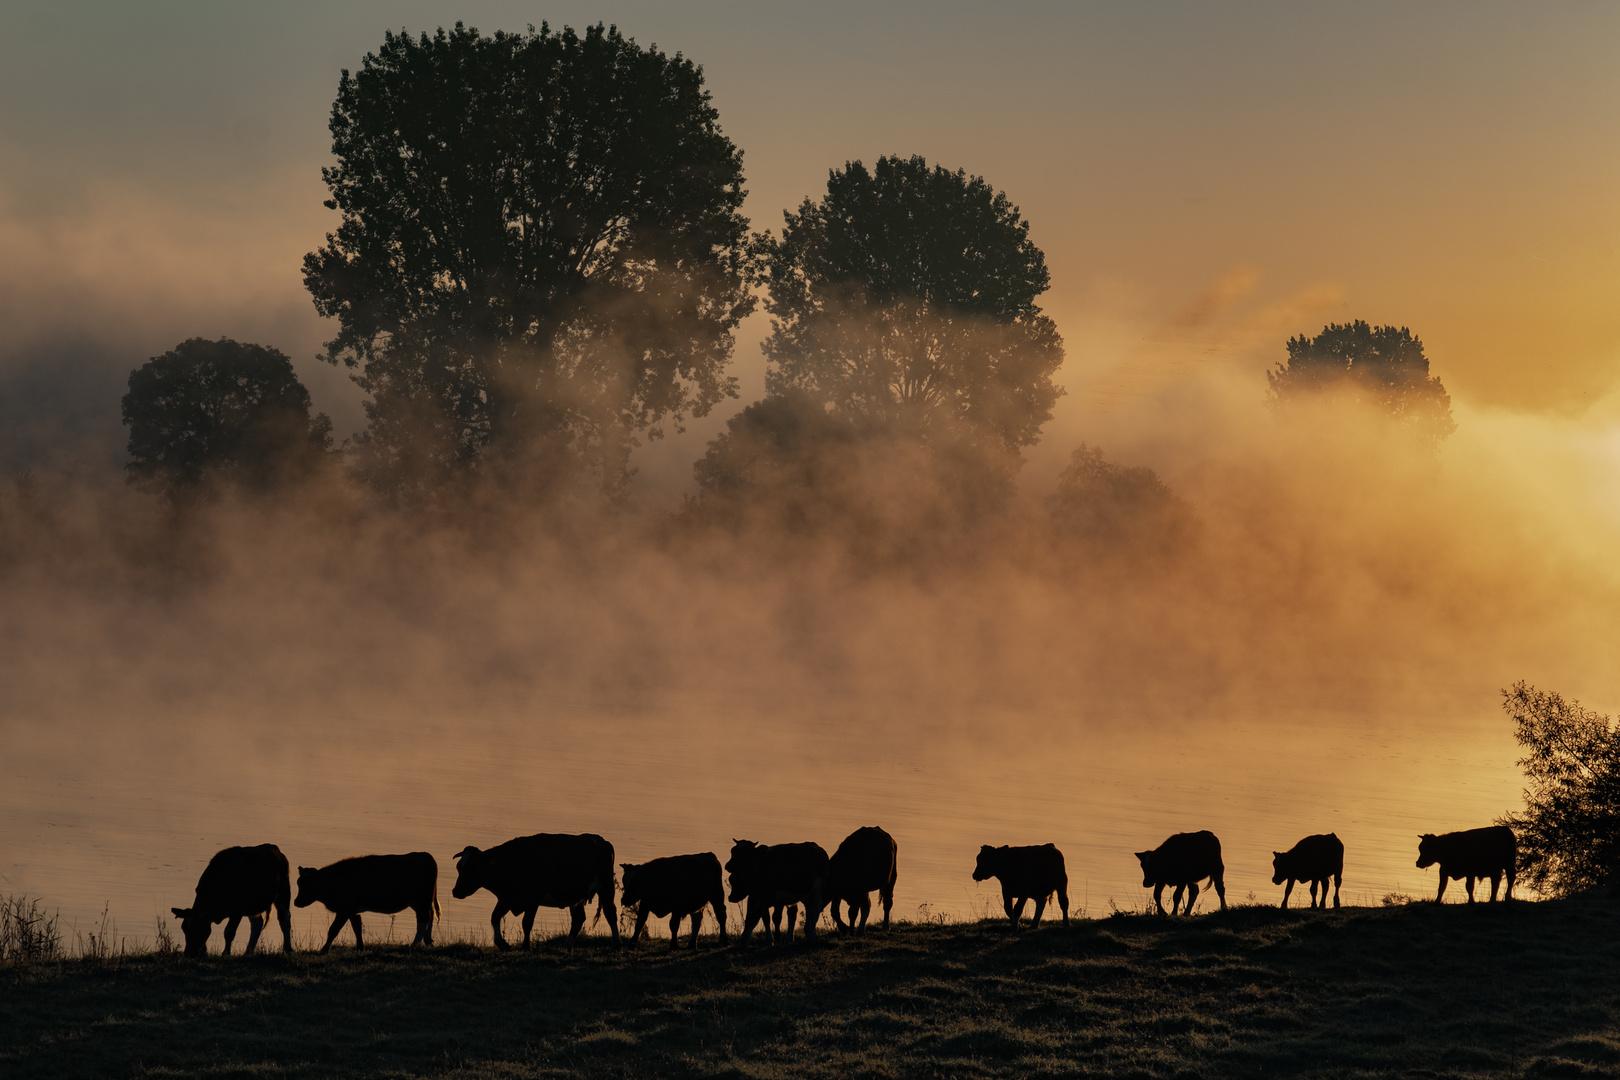 Karawane im Nebel